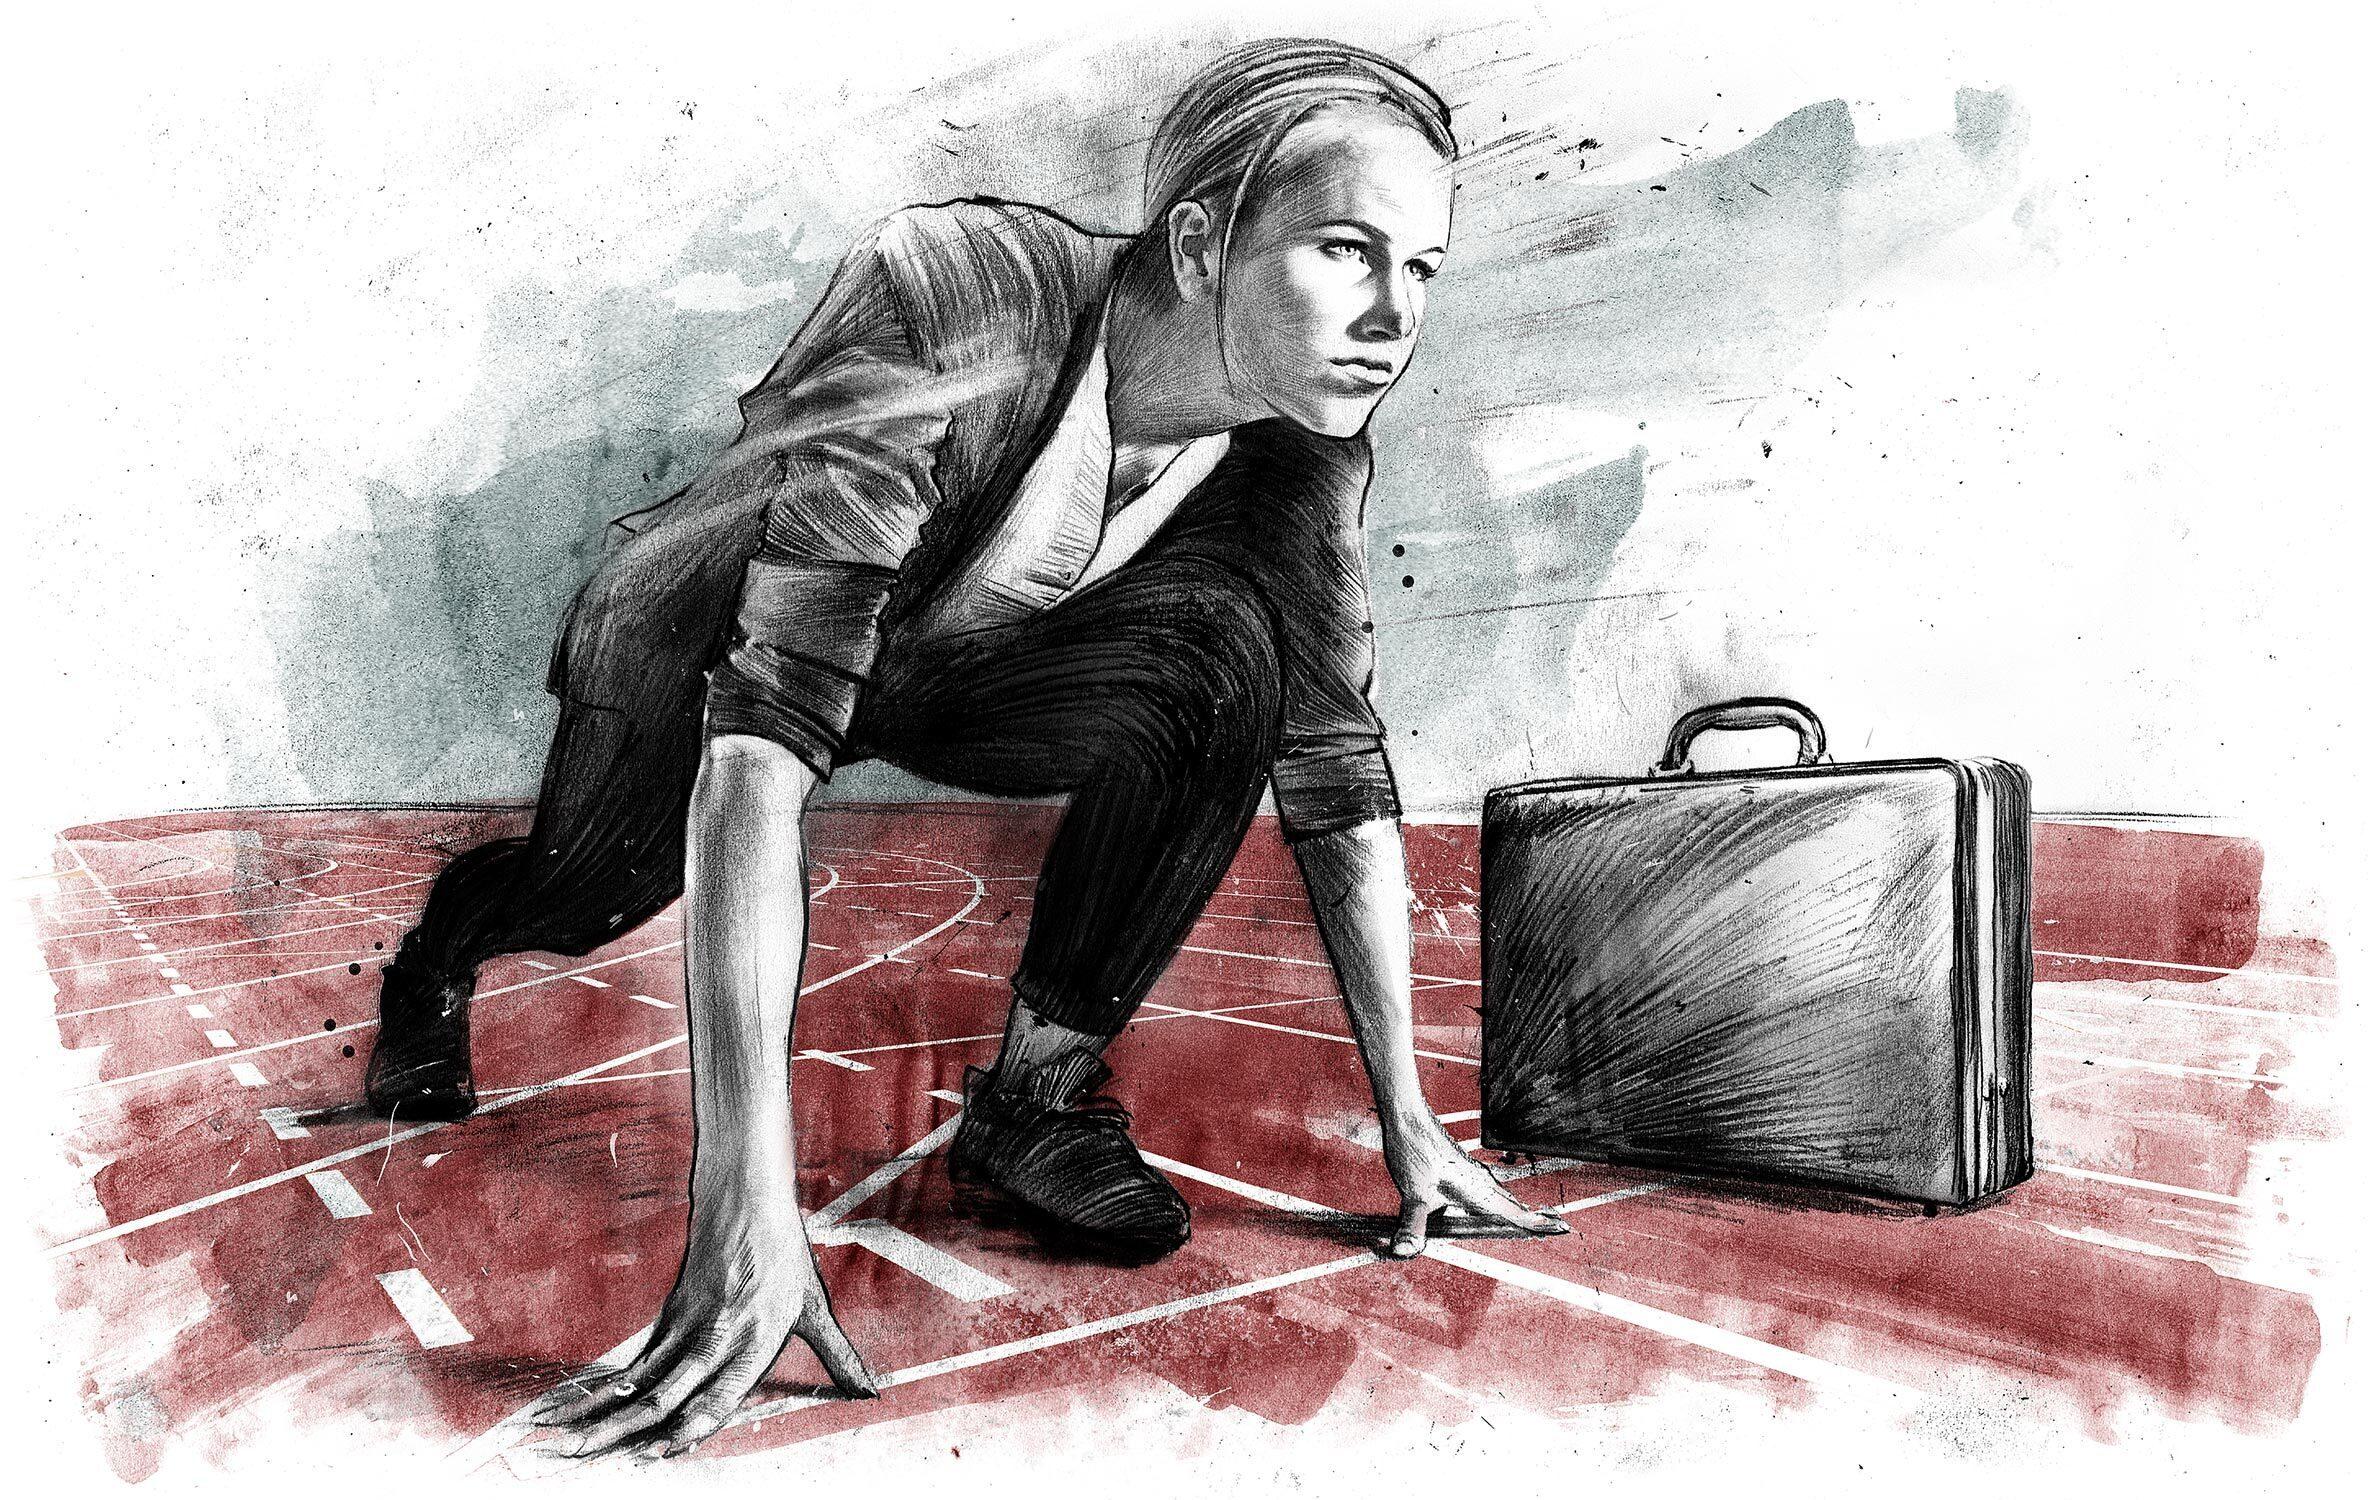 Women carreer illustration editorial - Kornel Illustration | Kornel Stadler portfolio